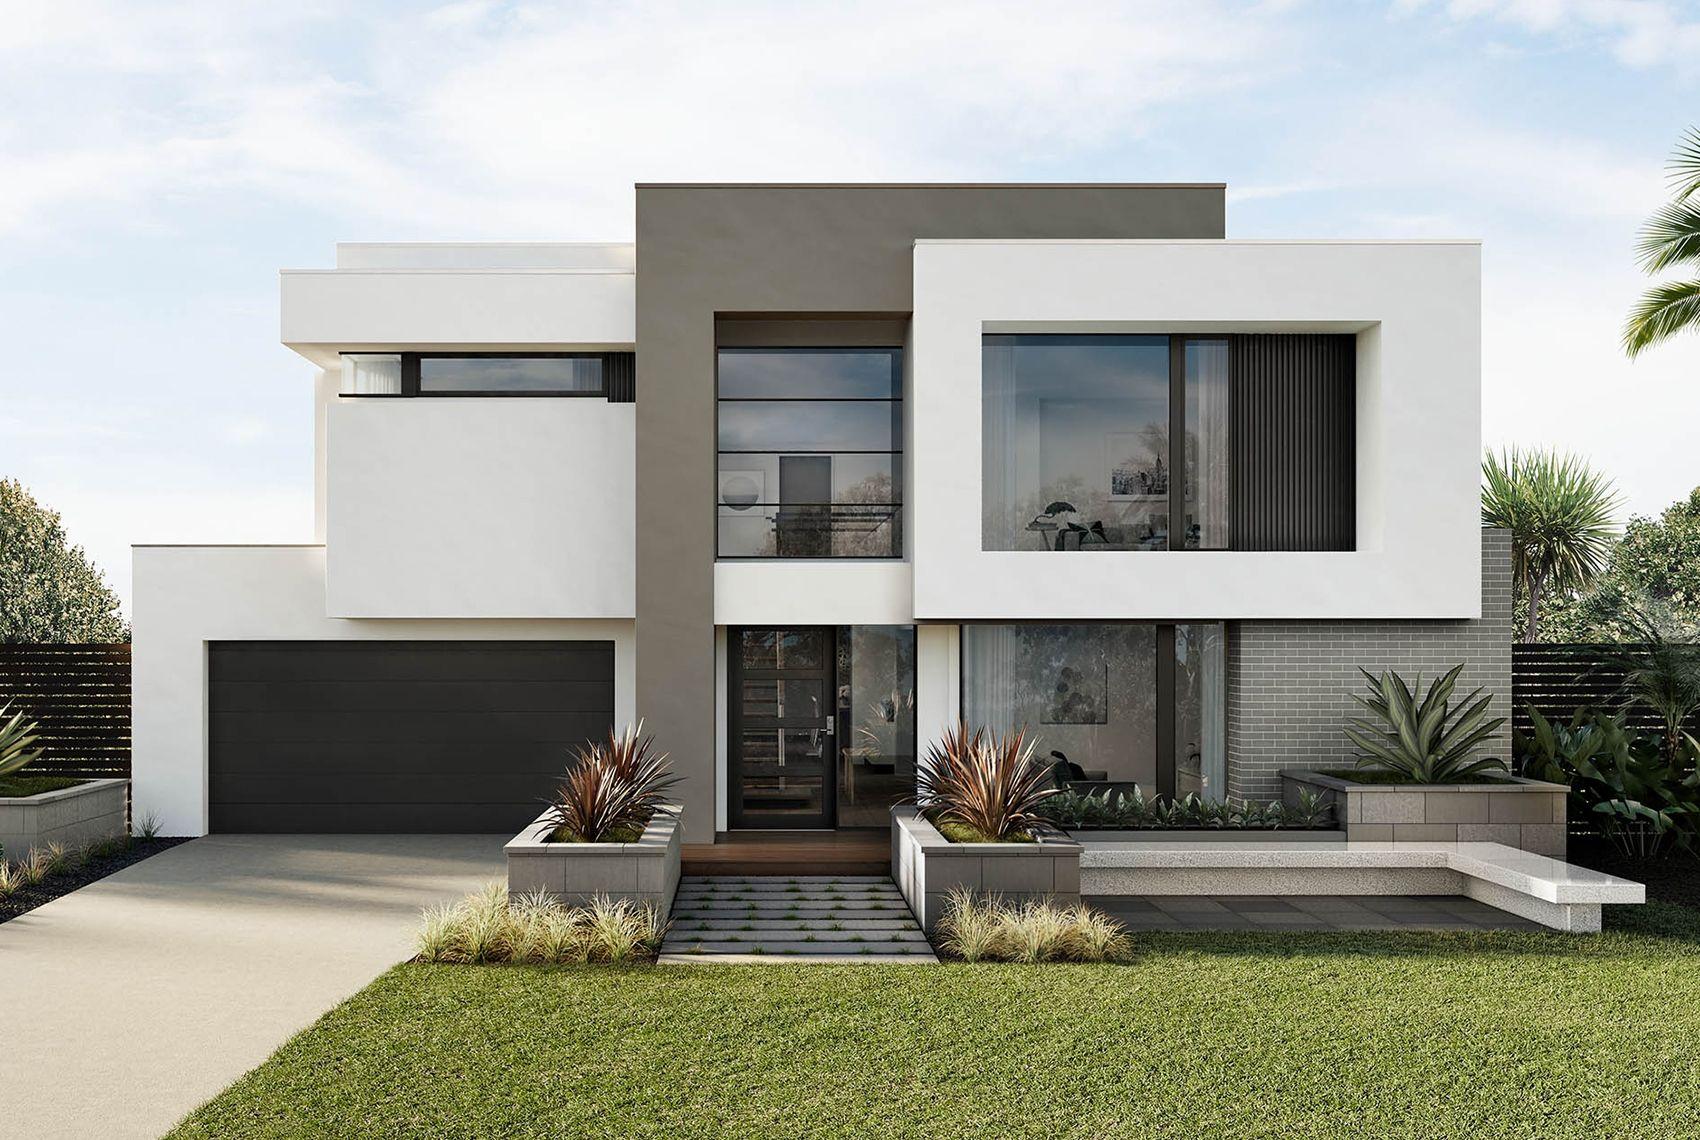 Provence 53 Benson Facade Facade House House Front Design Architecture House